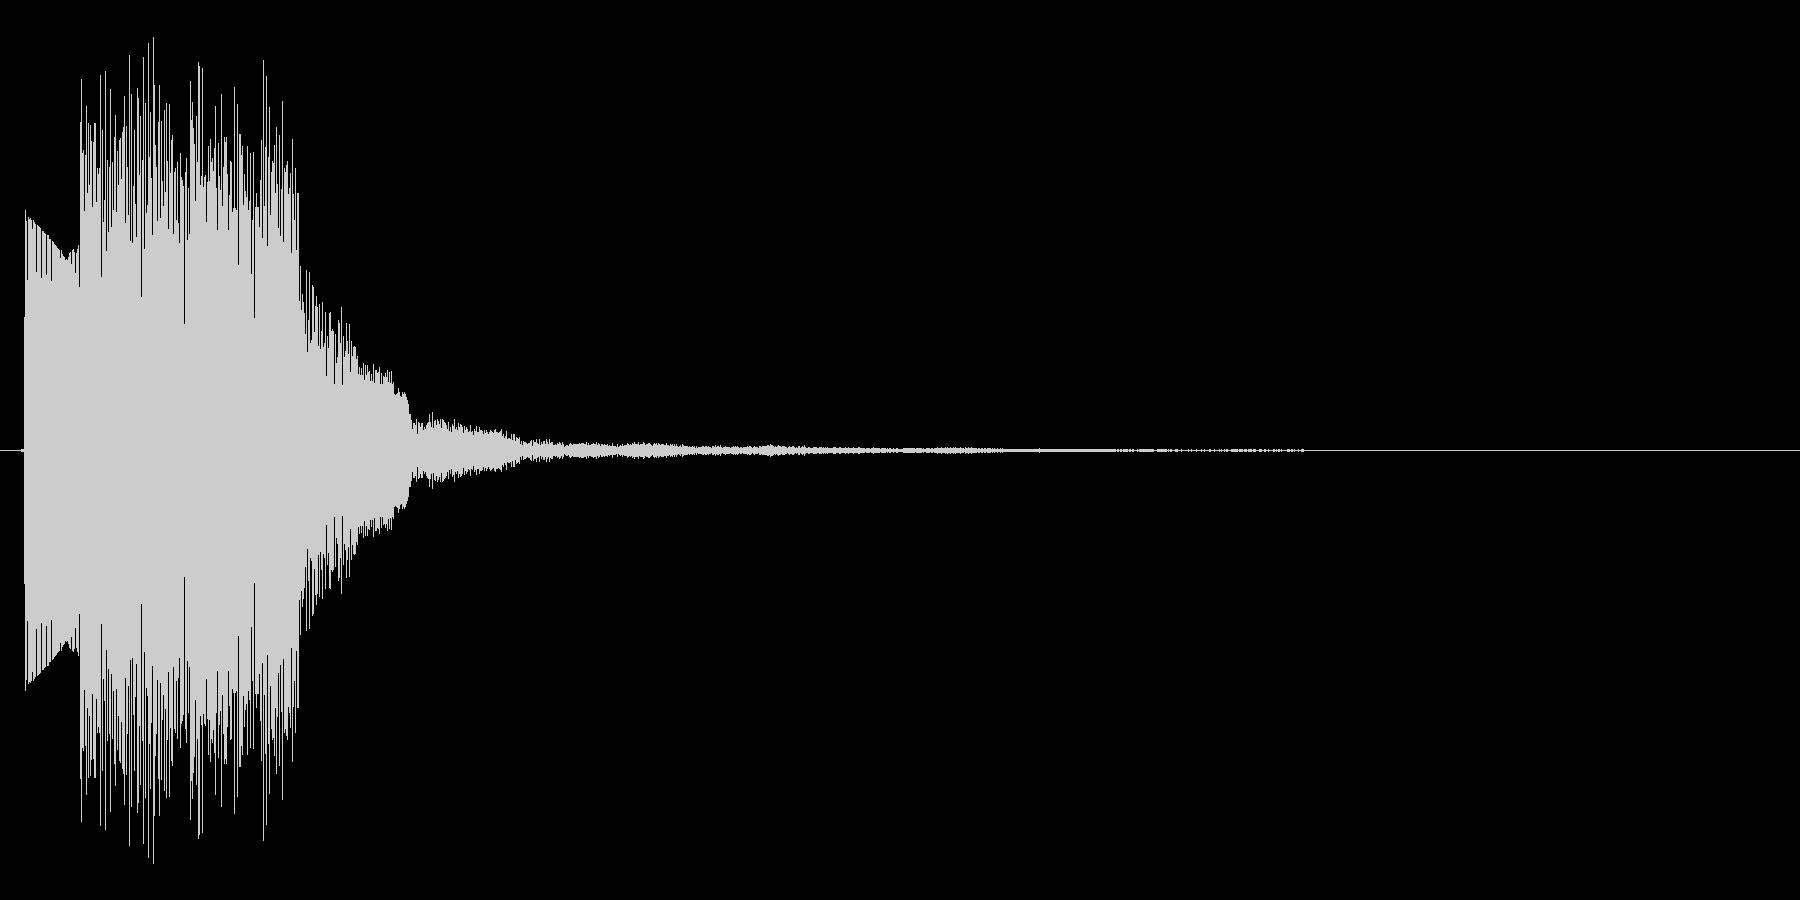 シンプルなシンセ、上昇フレーズの決定音の未再生の波形